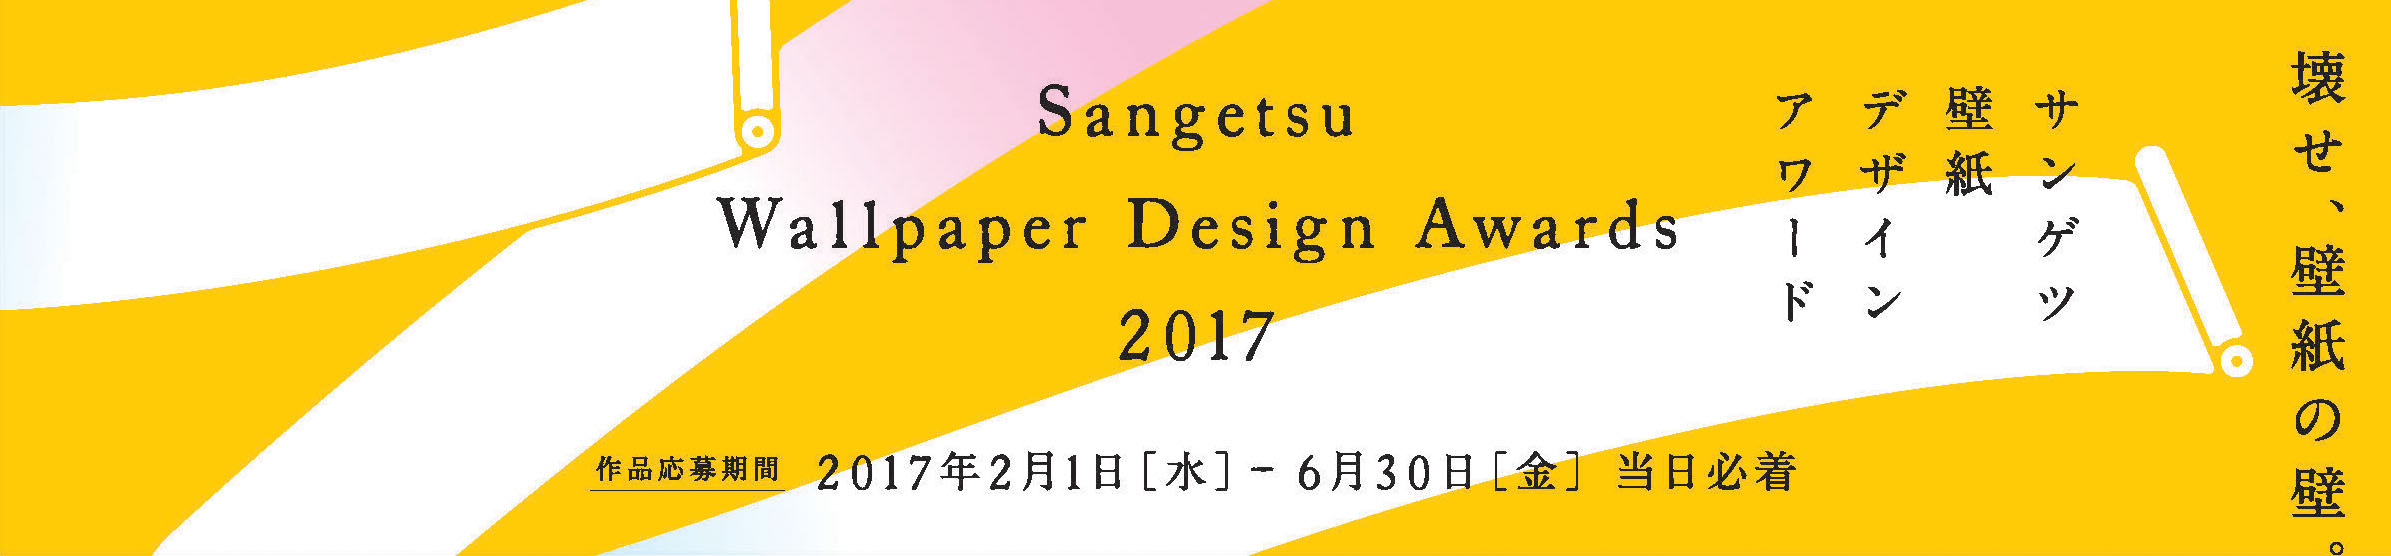 サンゲツ壁紙デザインアワード2017 サンゲツ